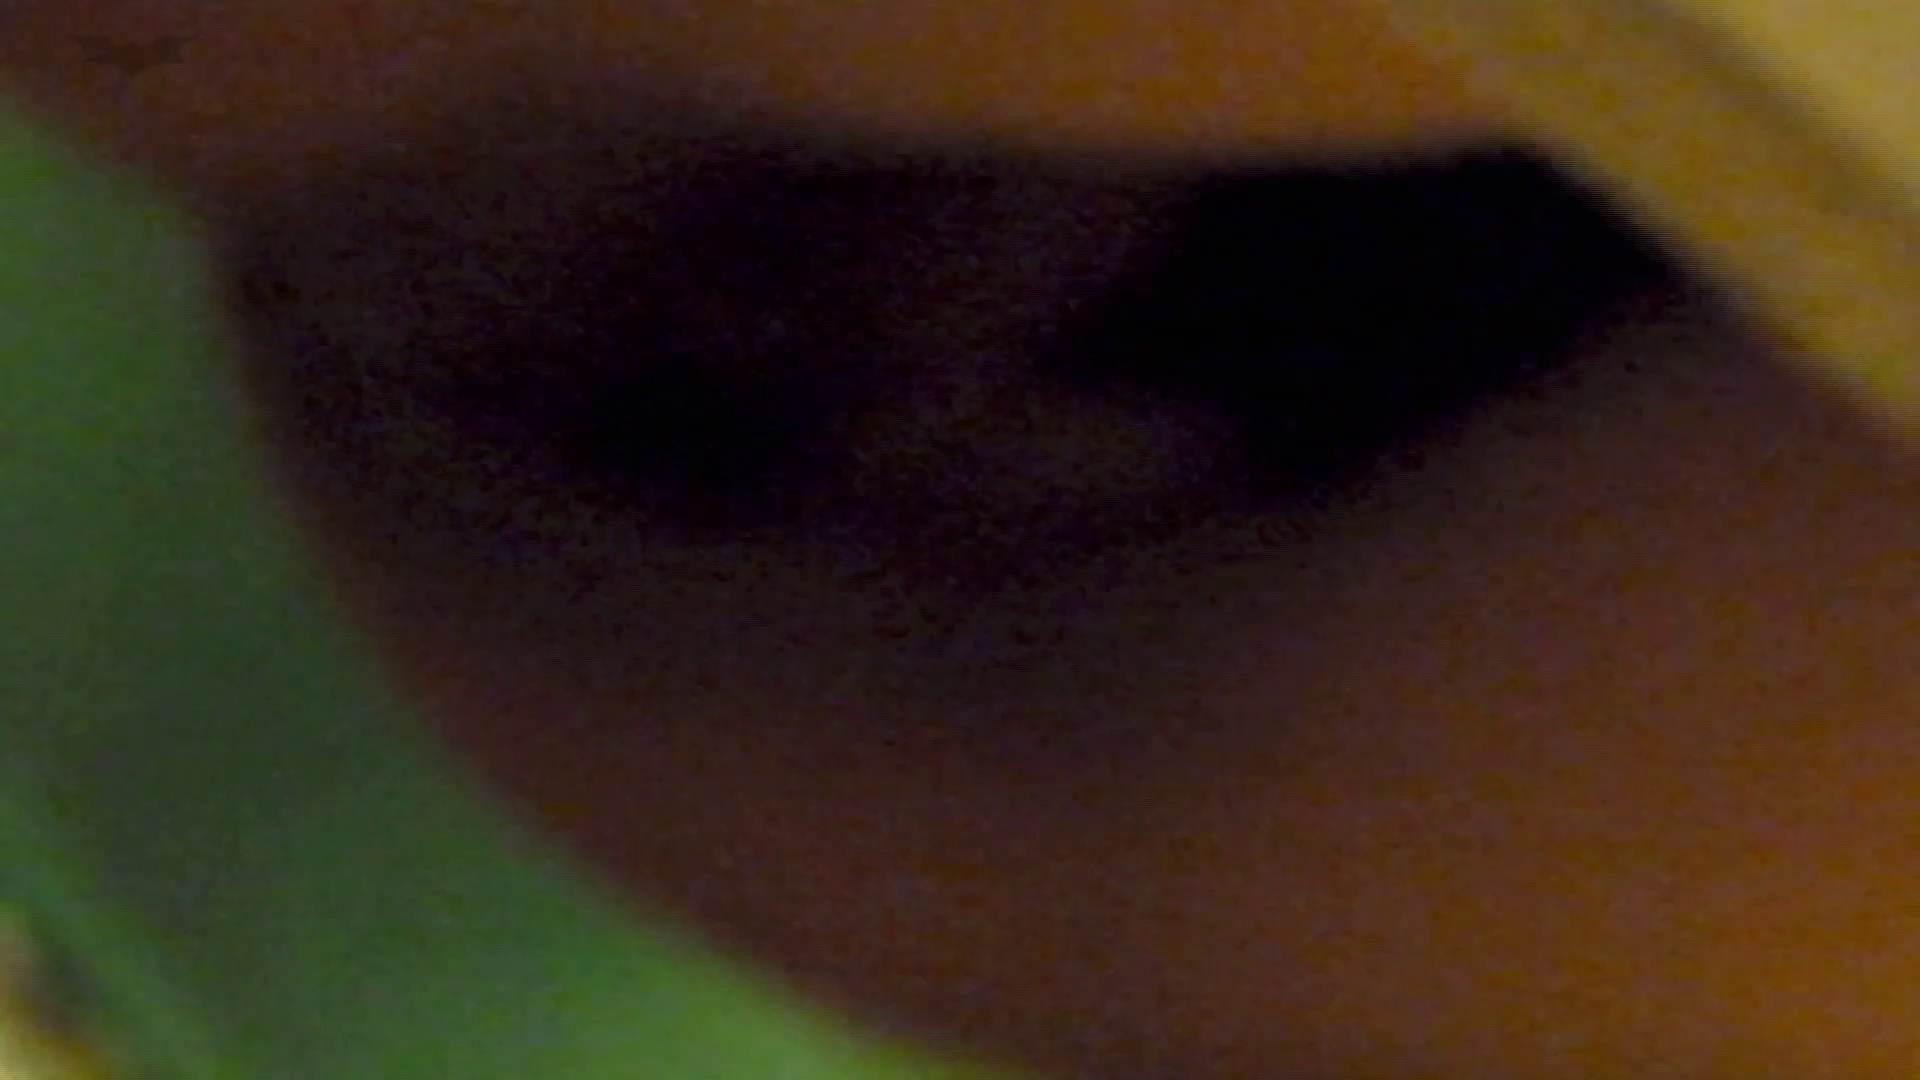 新世界の射窓 No78 トリンドル 玲奈似登場シリーズ美女率最高作! 高画質  89PIX 67